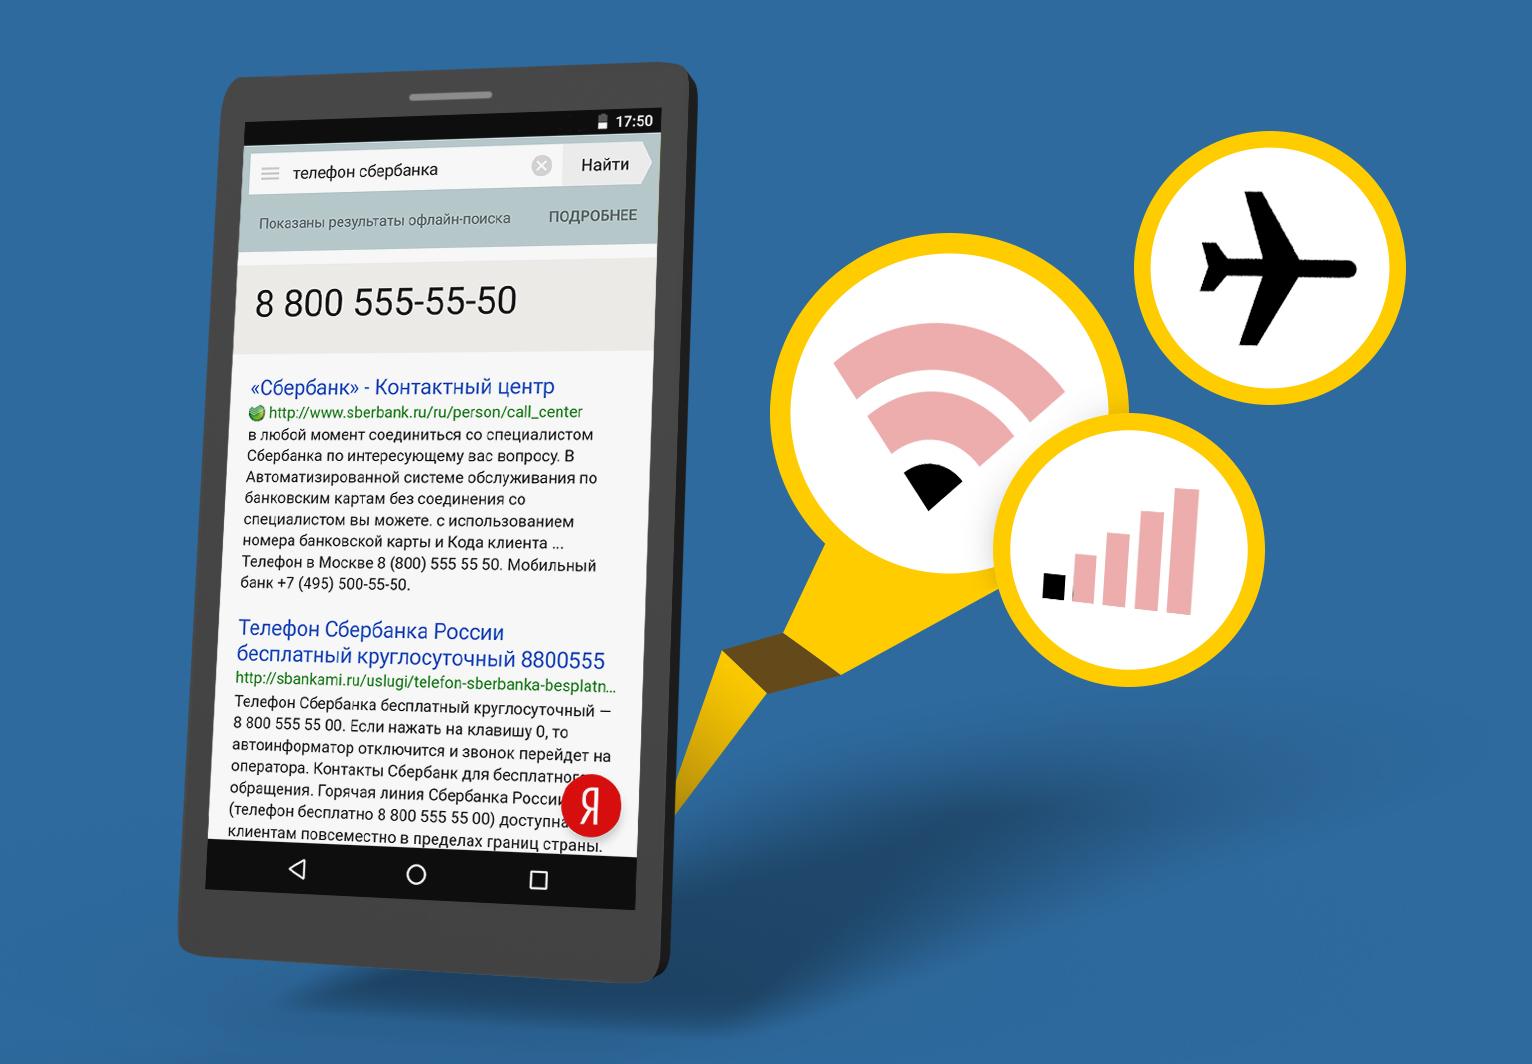 Поиск без интернета. Новая бета приложения Яндекс - 1